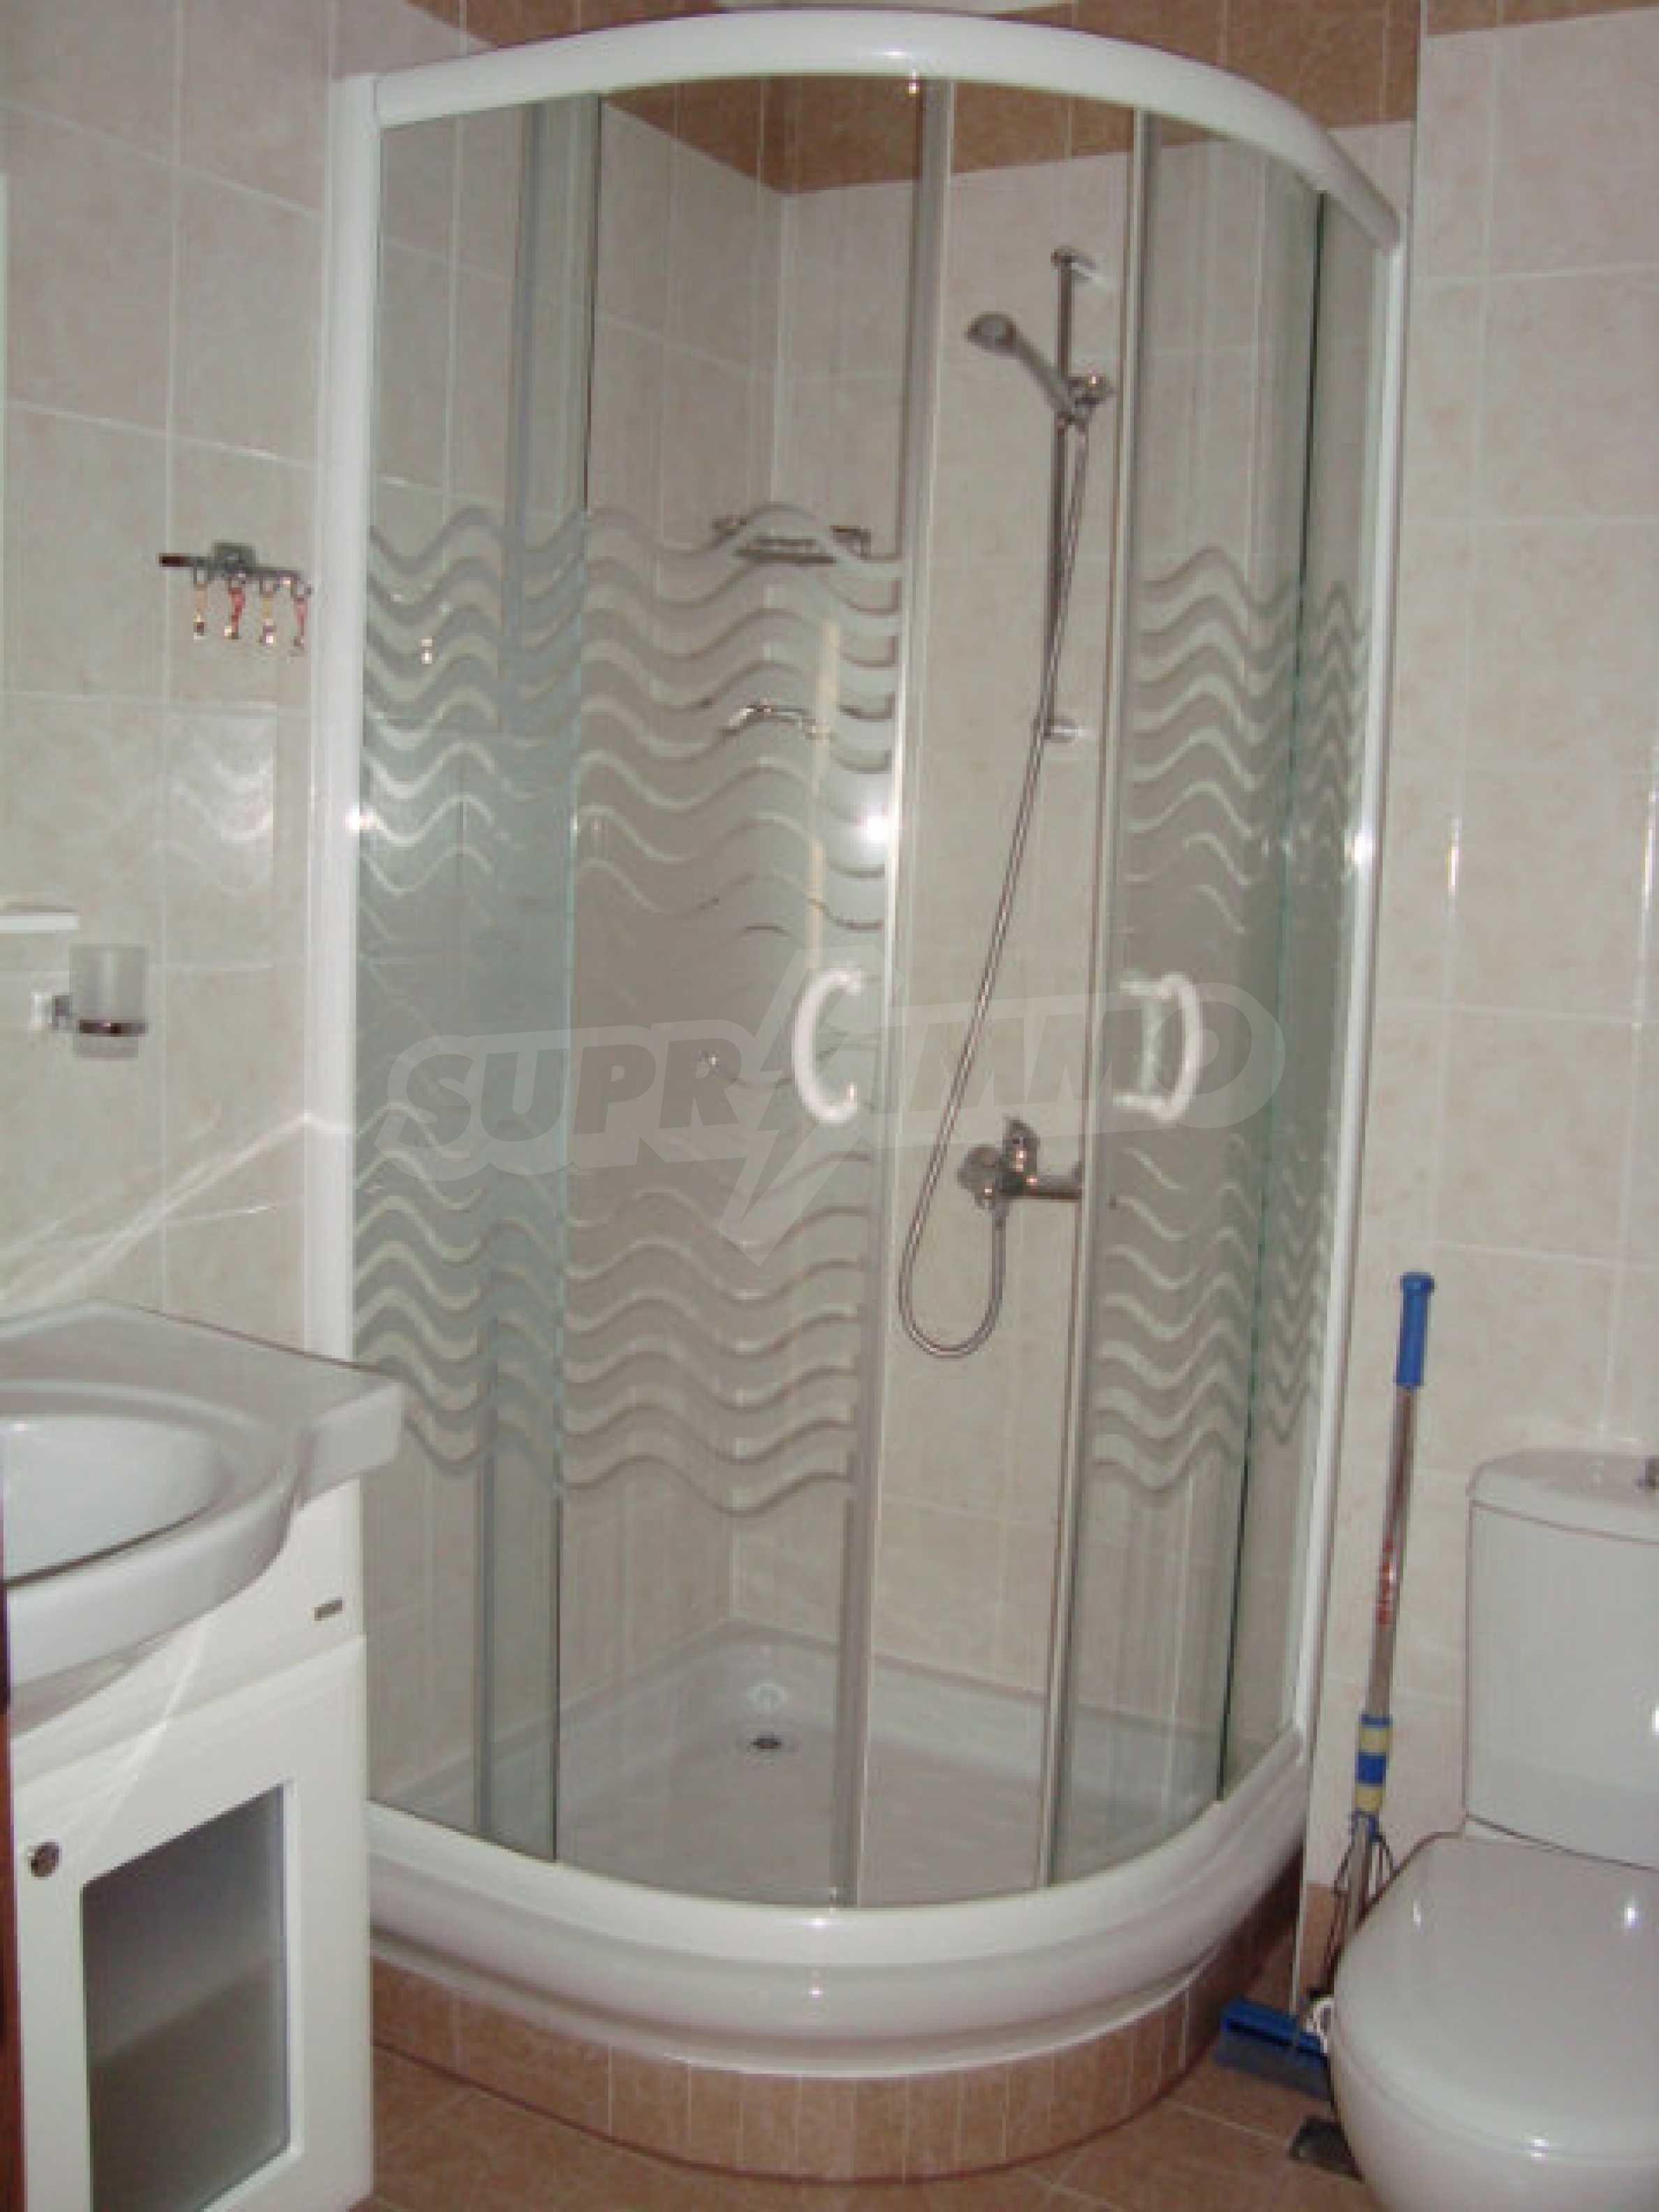 Luxus-Apartment mit zwei Schlafzimmern in einem ausgezeichneten Komplex in Chernomorets 15